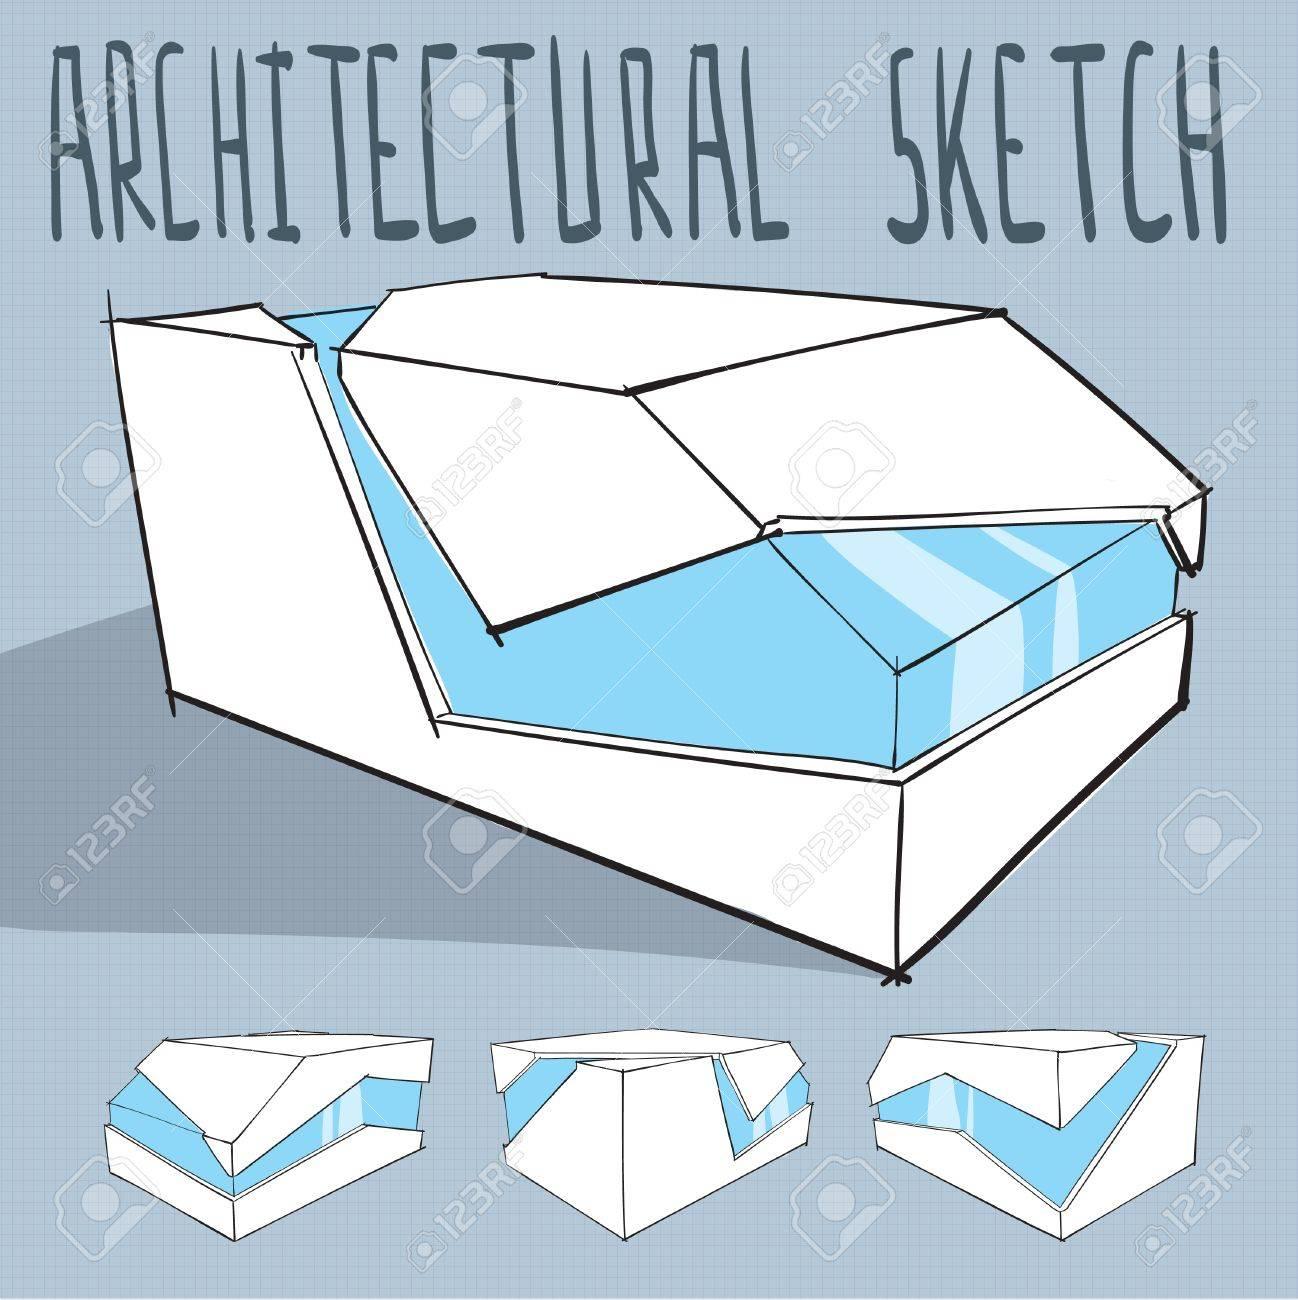 Architektur Skizze Minimalistisch Modernen Gebaude Vektor Standard Bild